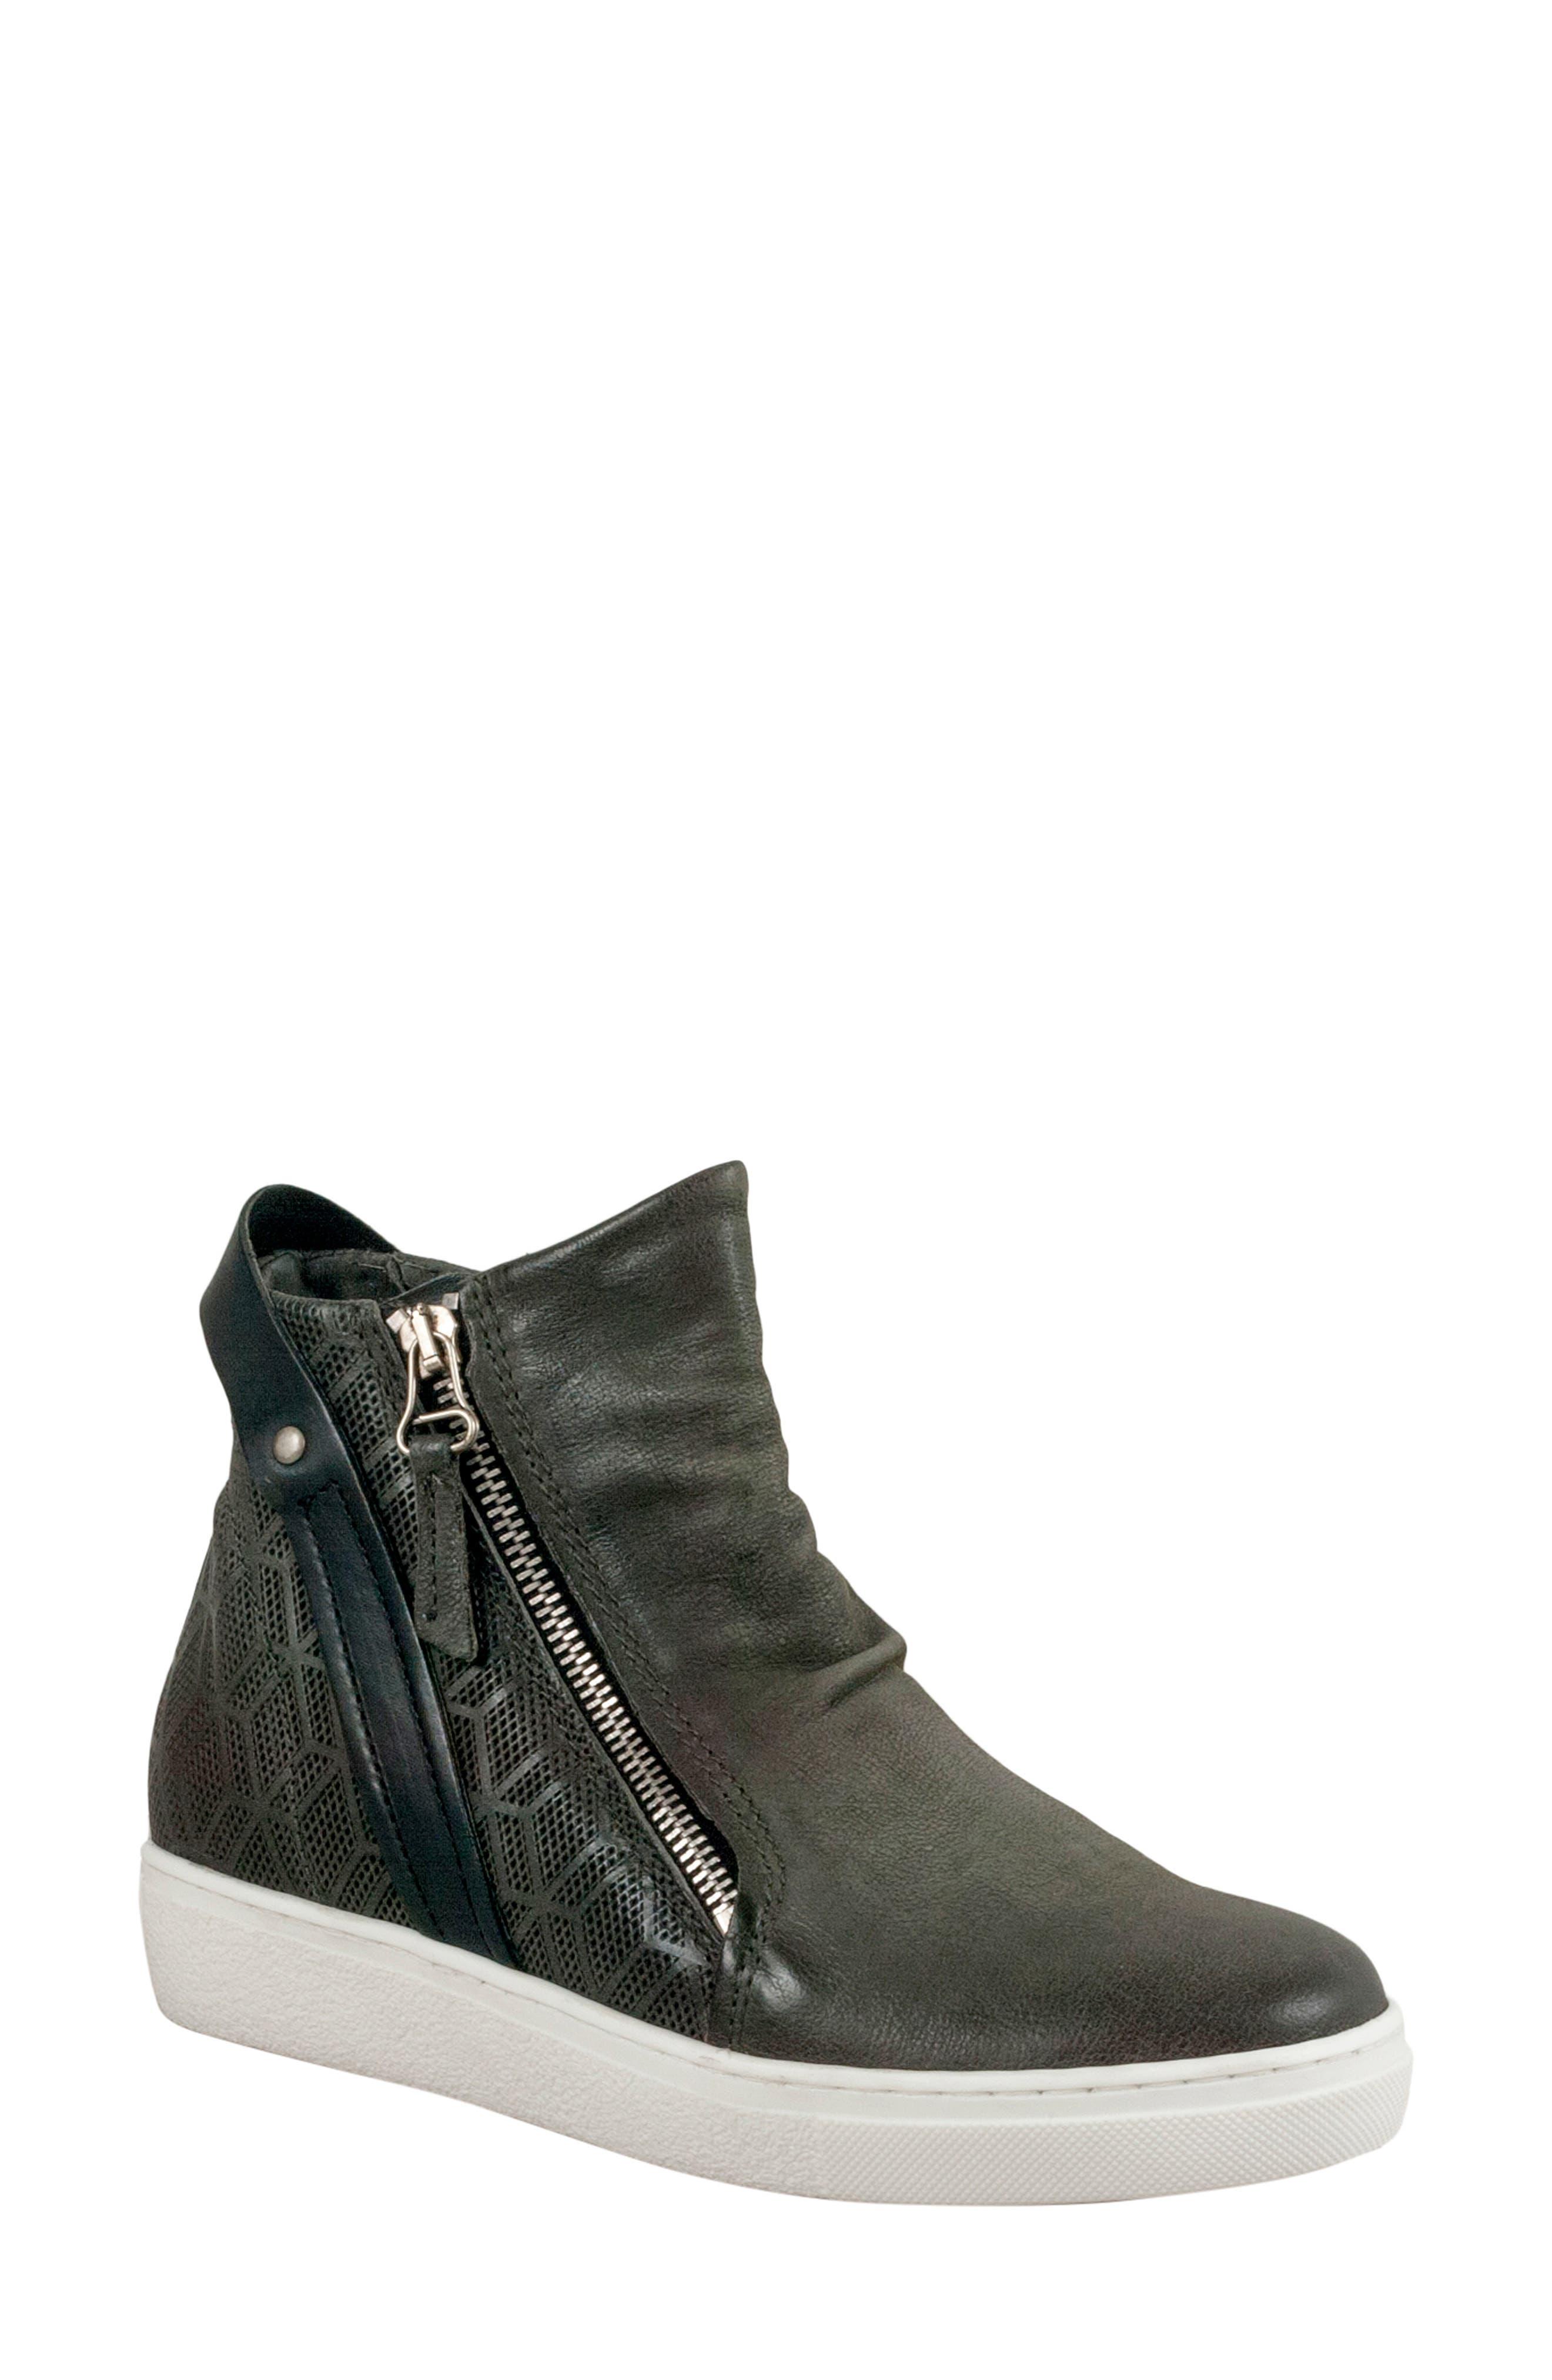 Miz Mooz Lulu High Top Sneaker Grey